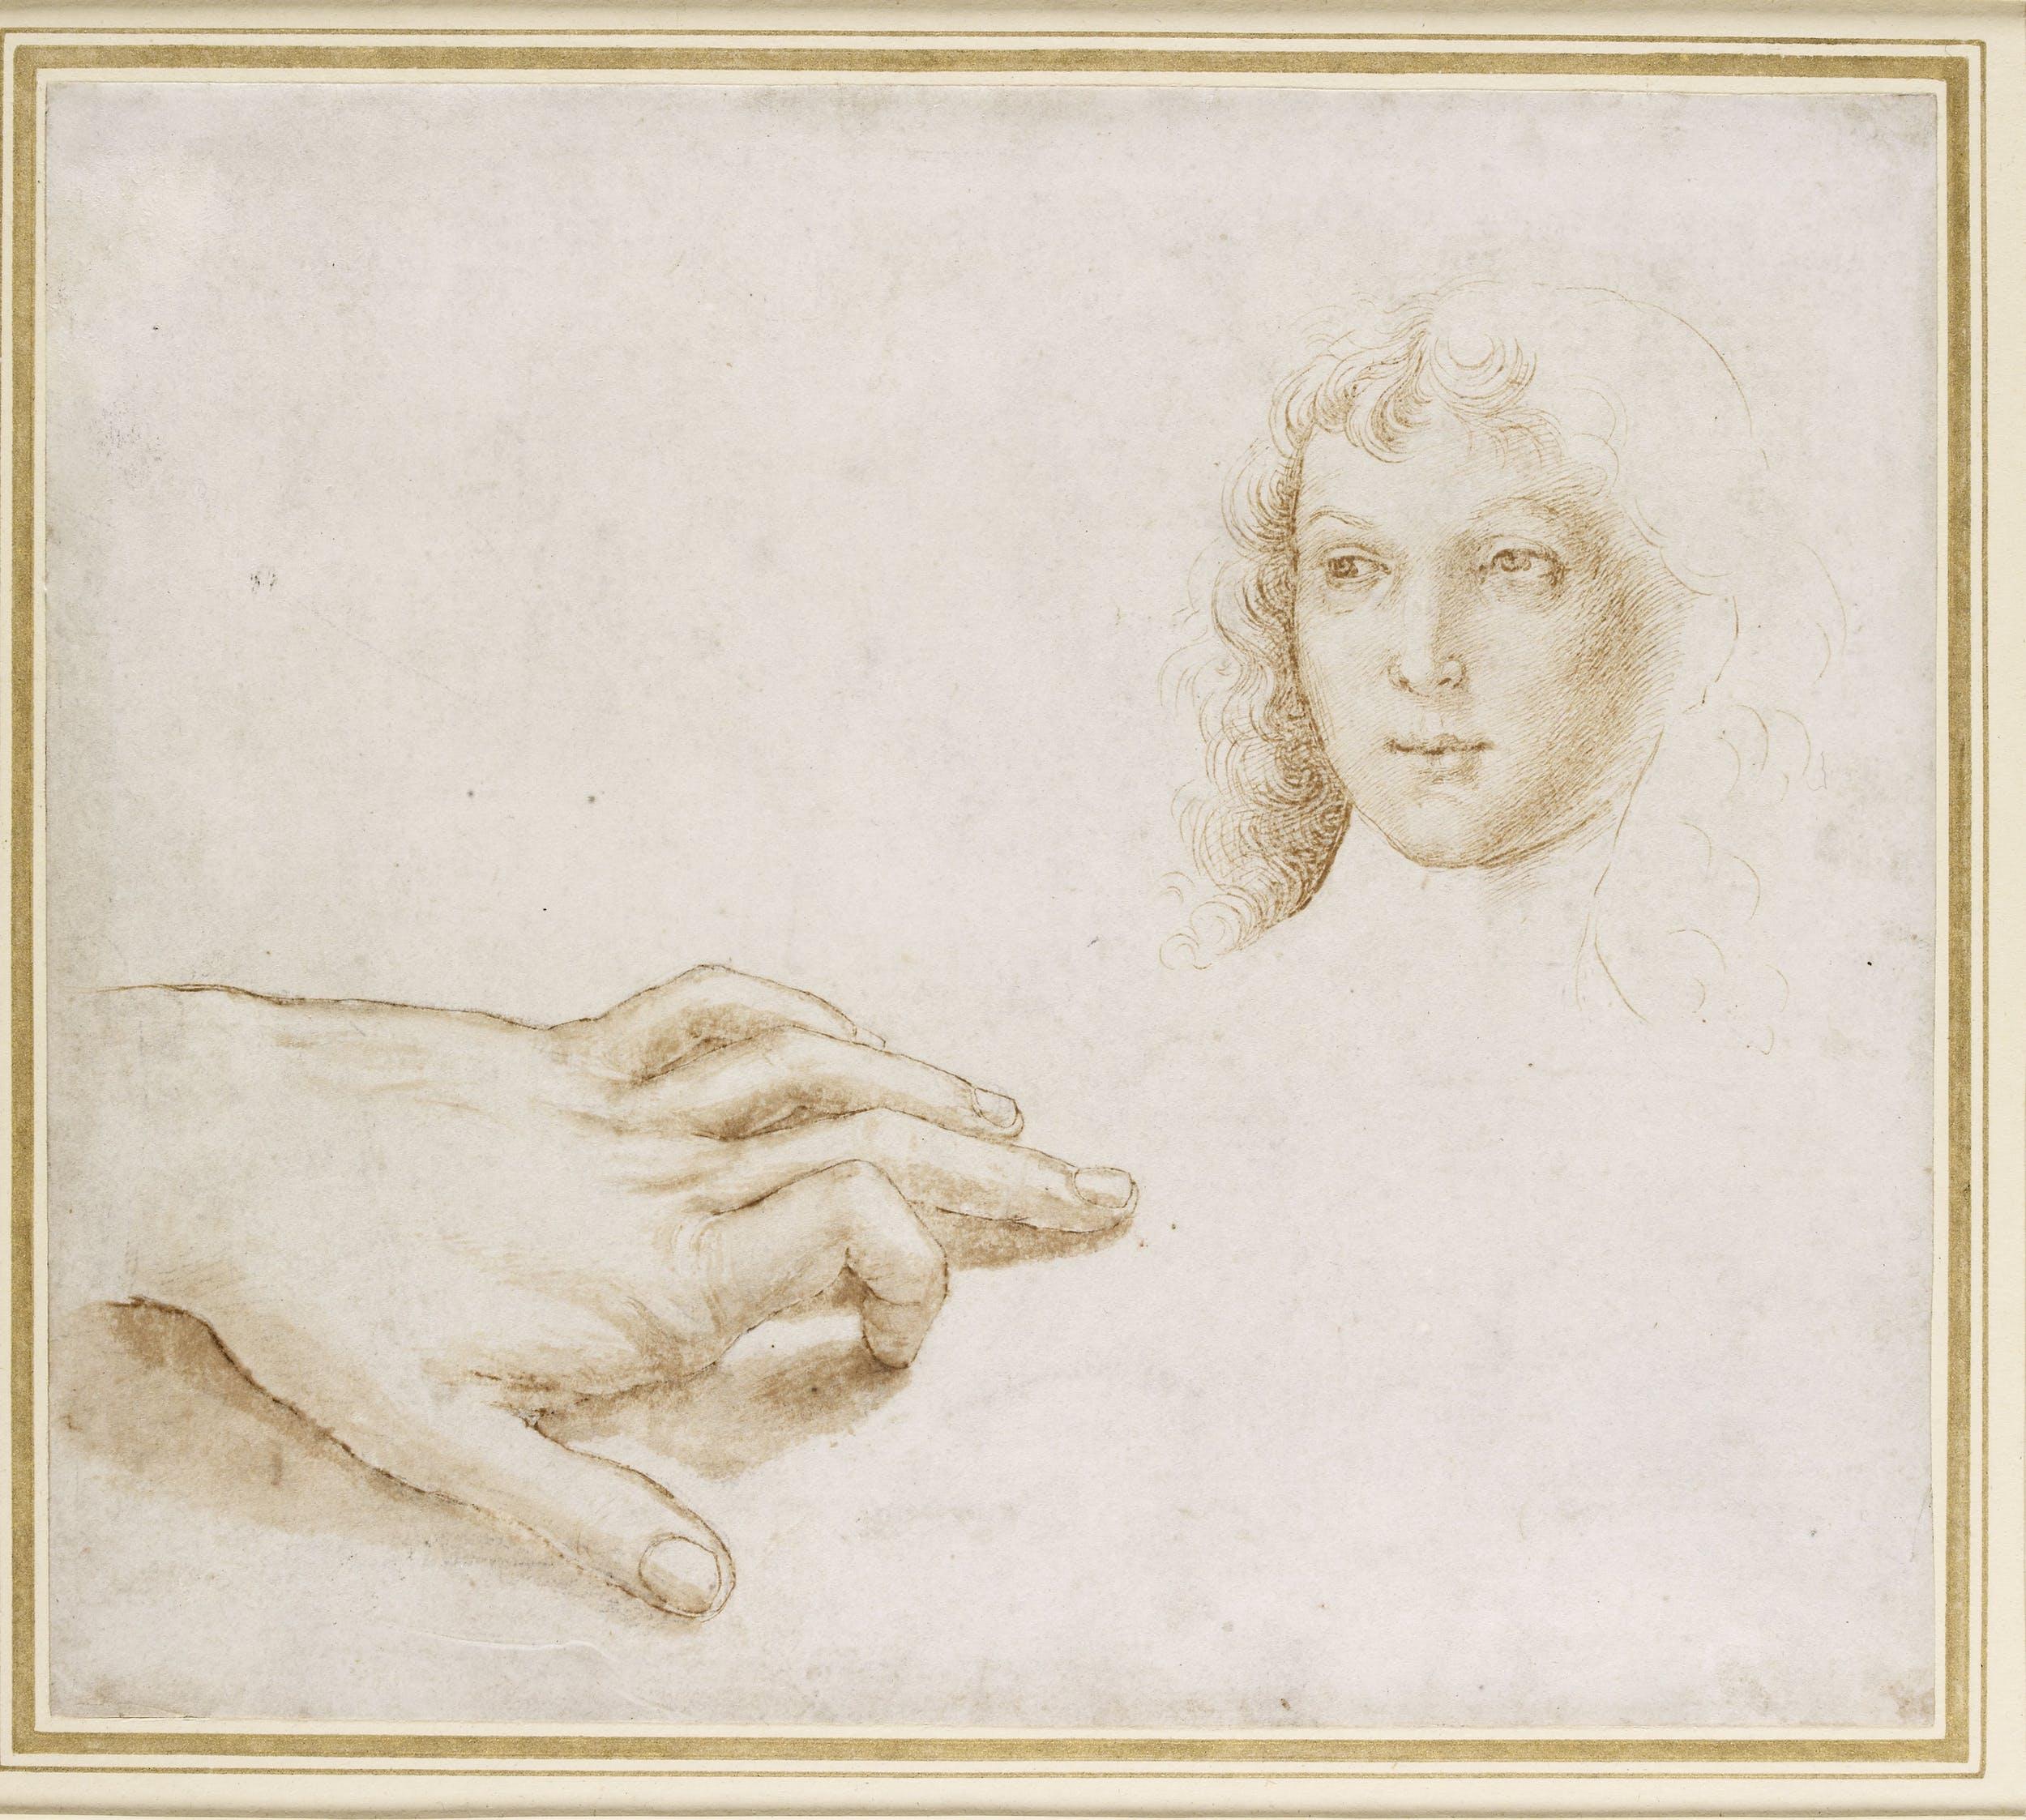 Raffaello Studio di una mano e di un volto Study of hand and face 1497-1499 pietra nera / black chalck Oxford, Ashmolean Museum